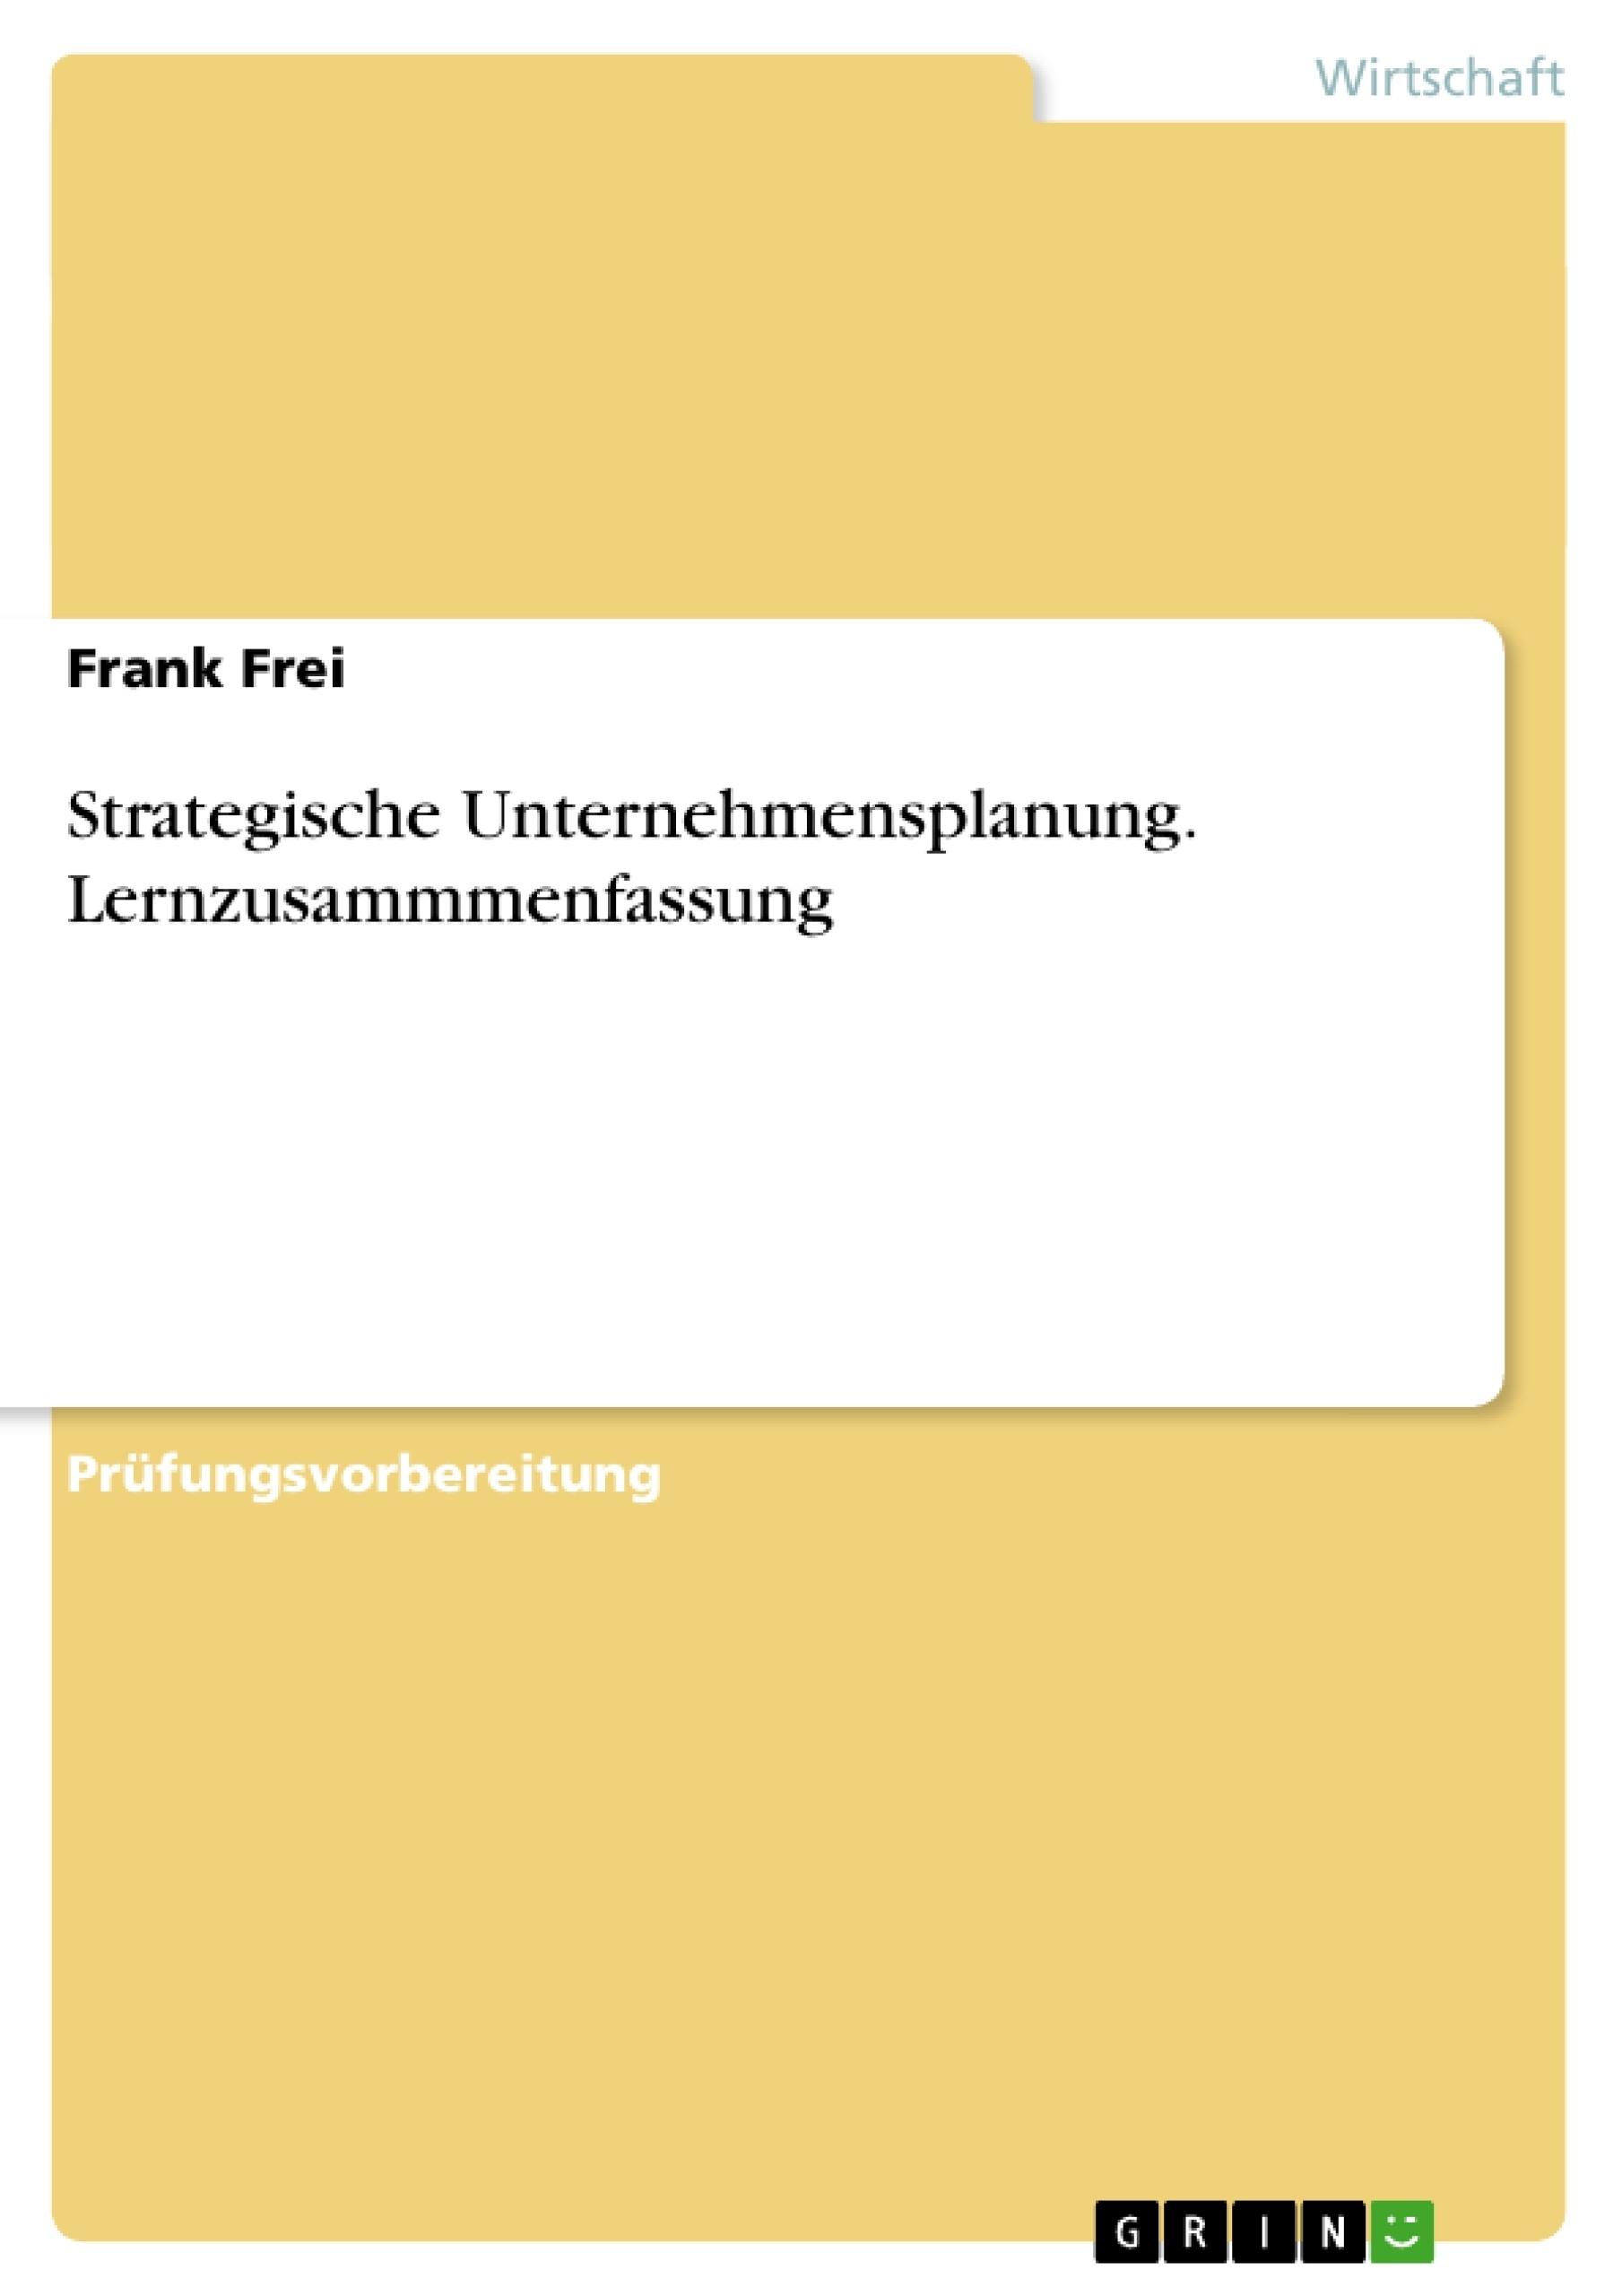 Titel: Strategische Unternehmensplanung. Lernzusammmenfassung